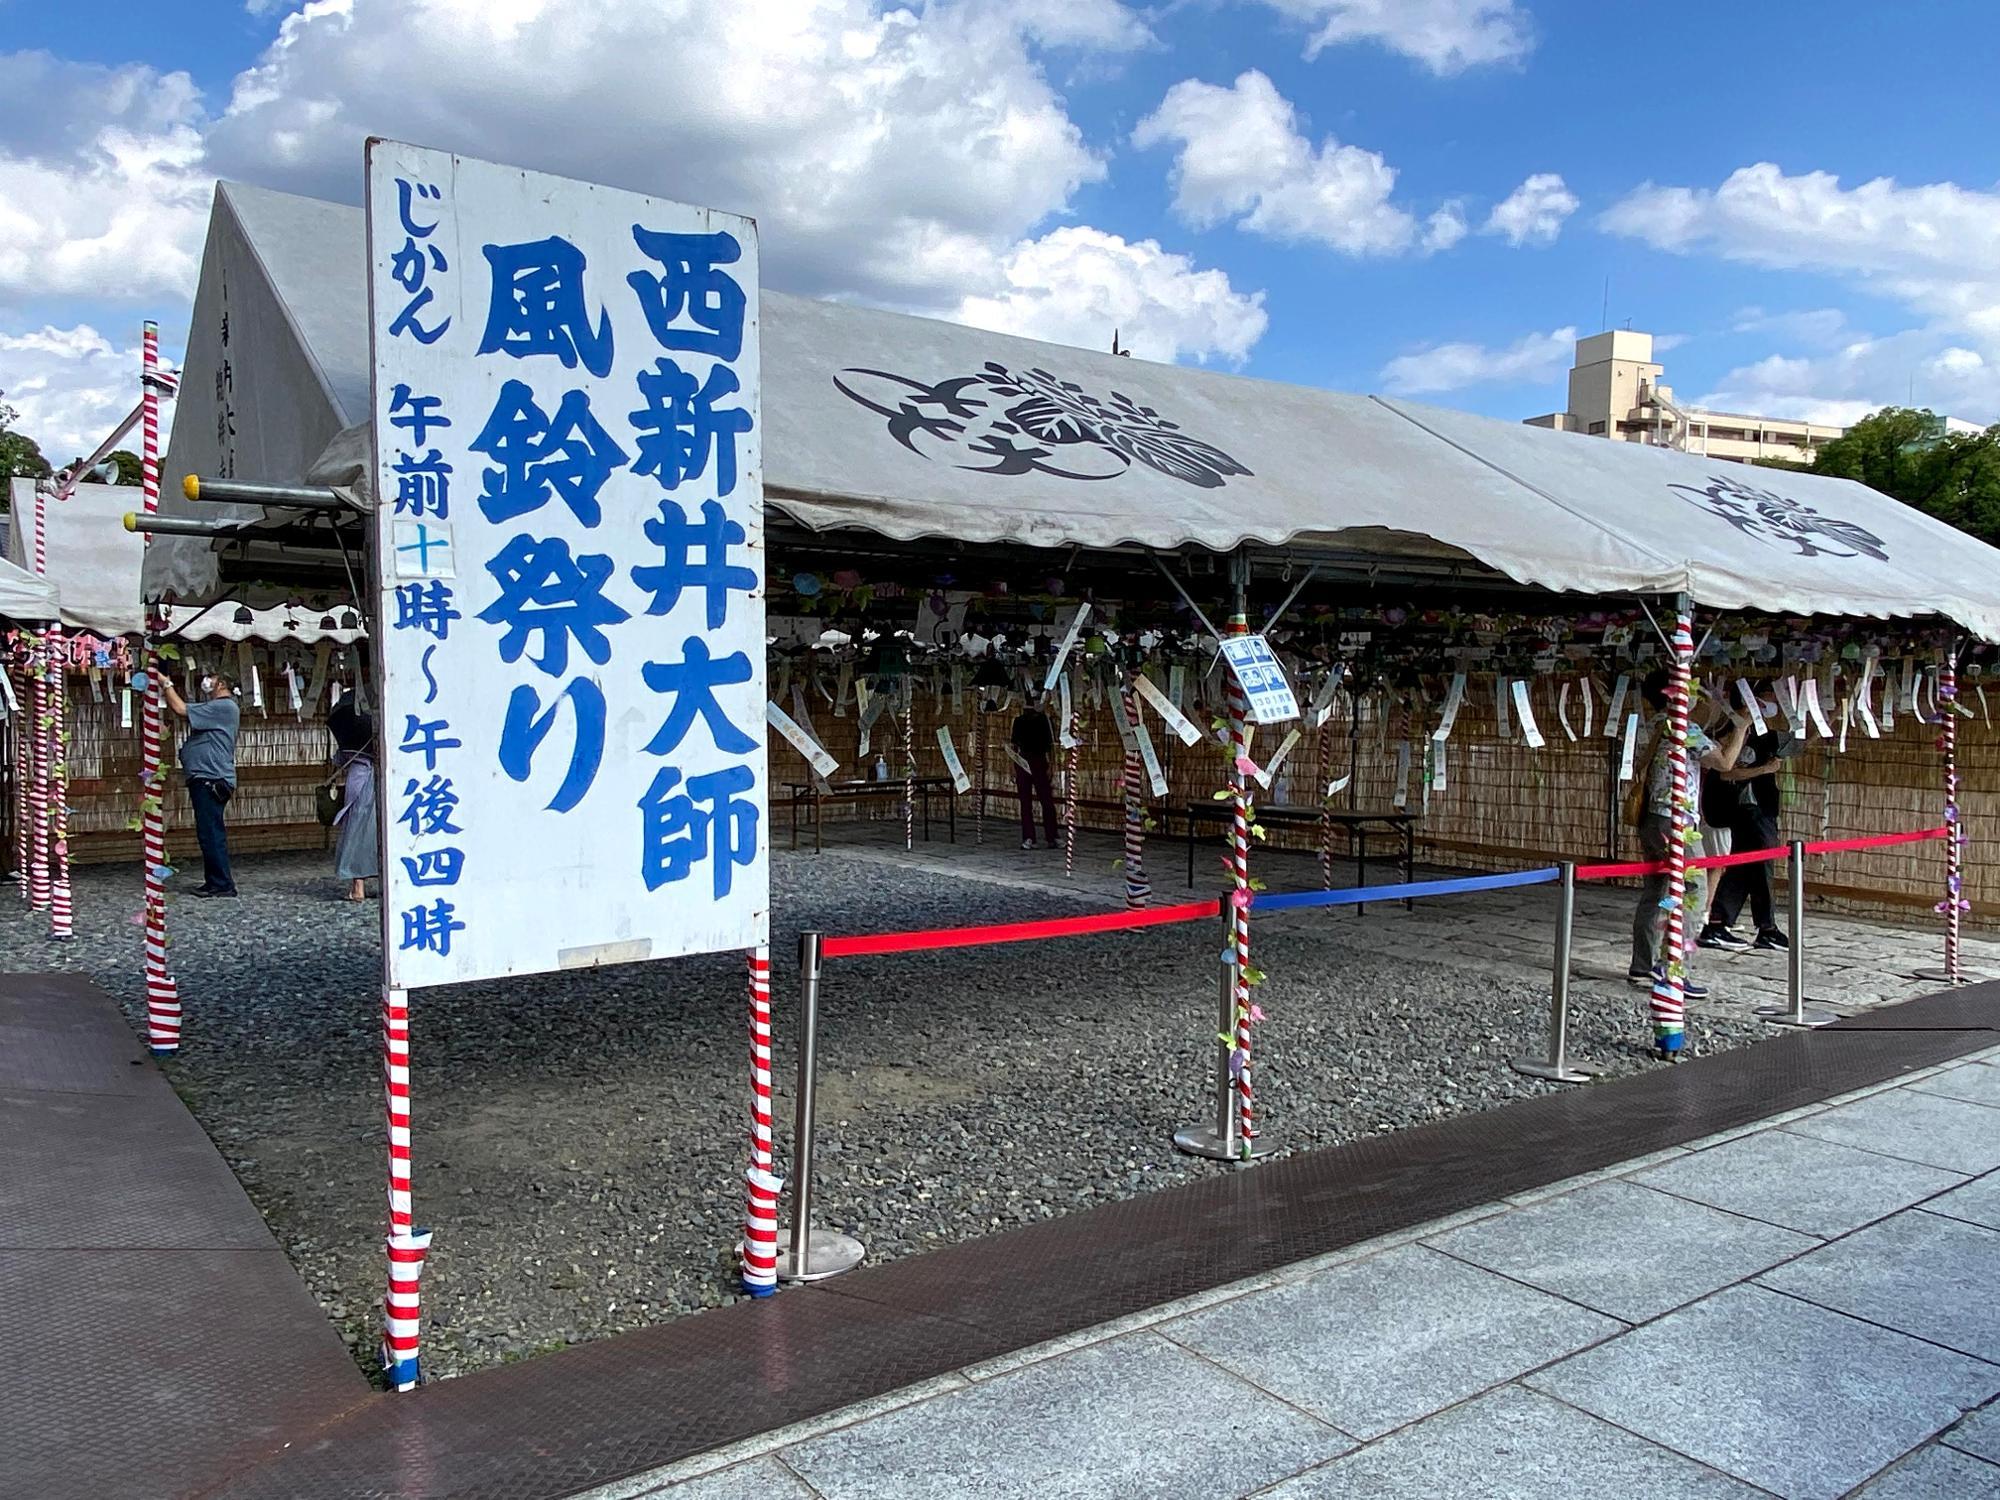 西新井大師 風鈴祭り 会場